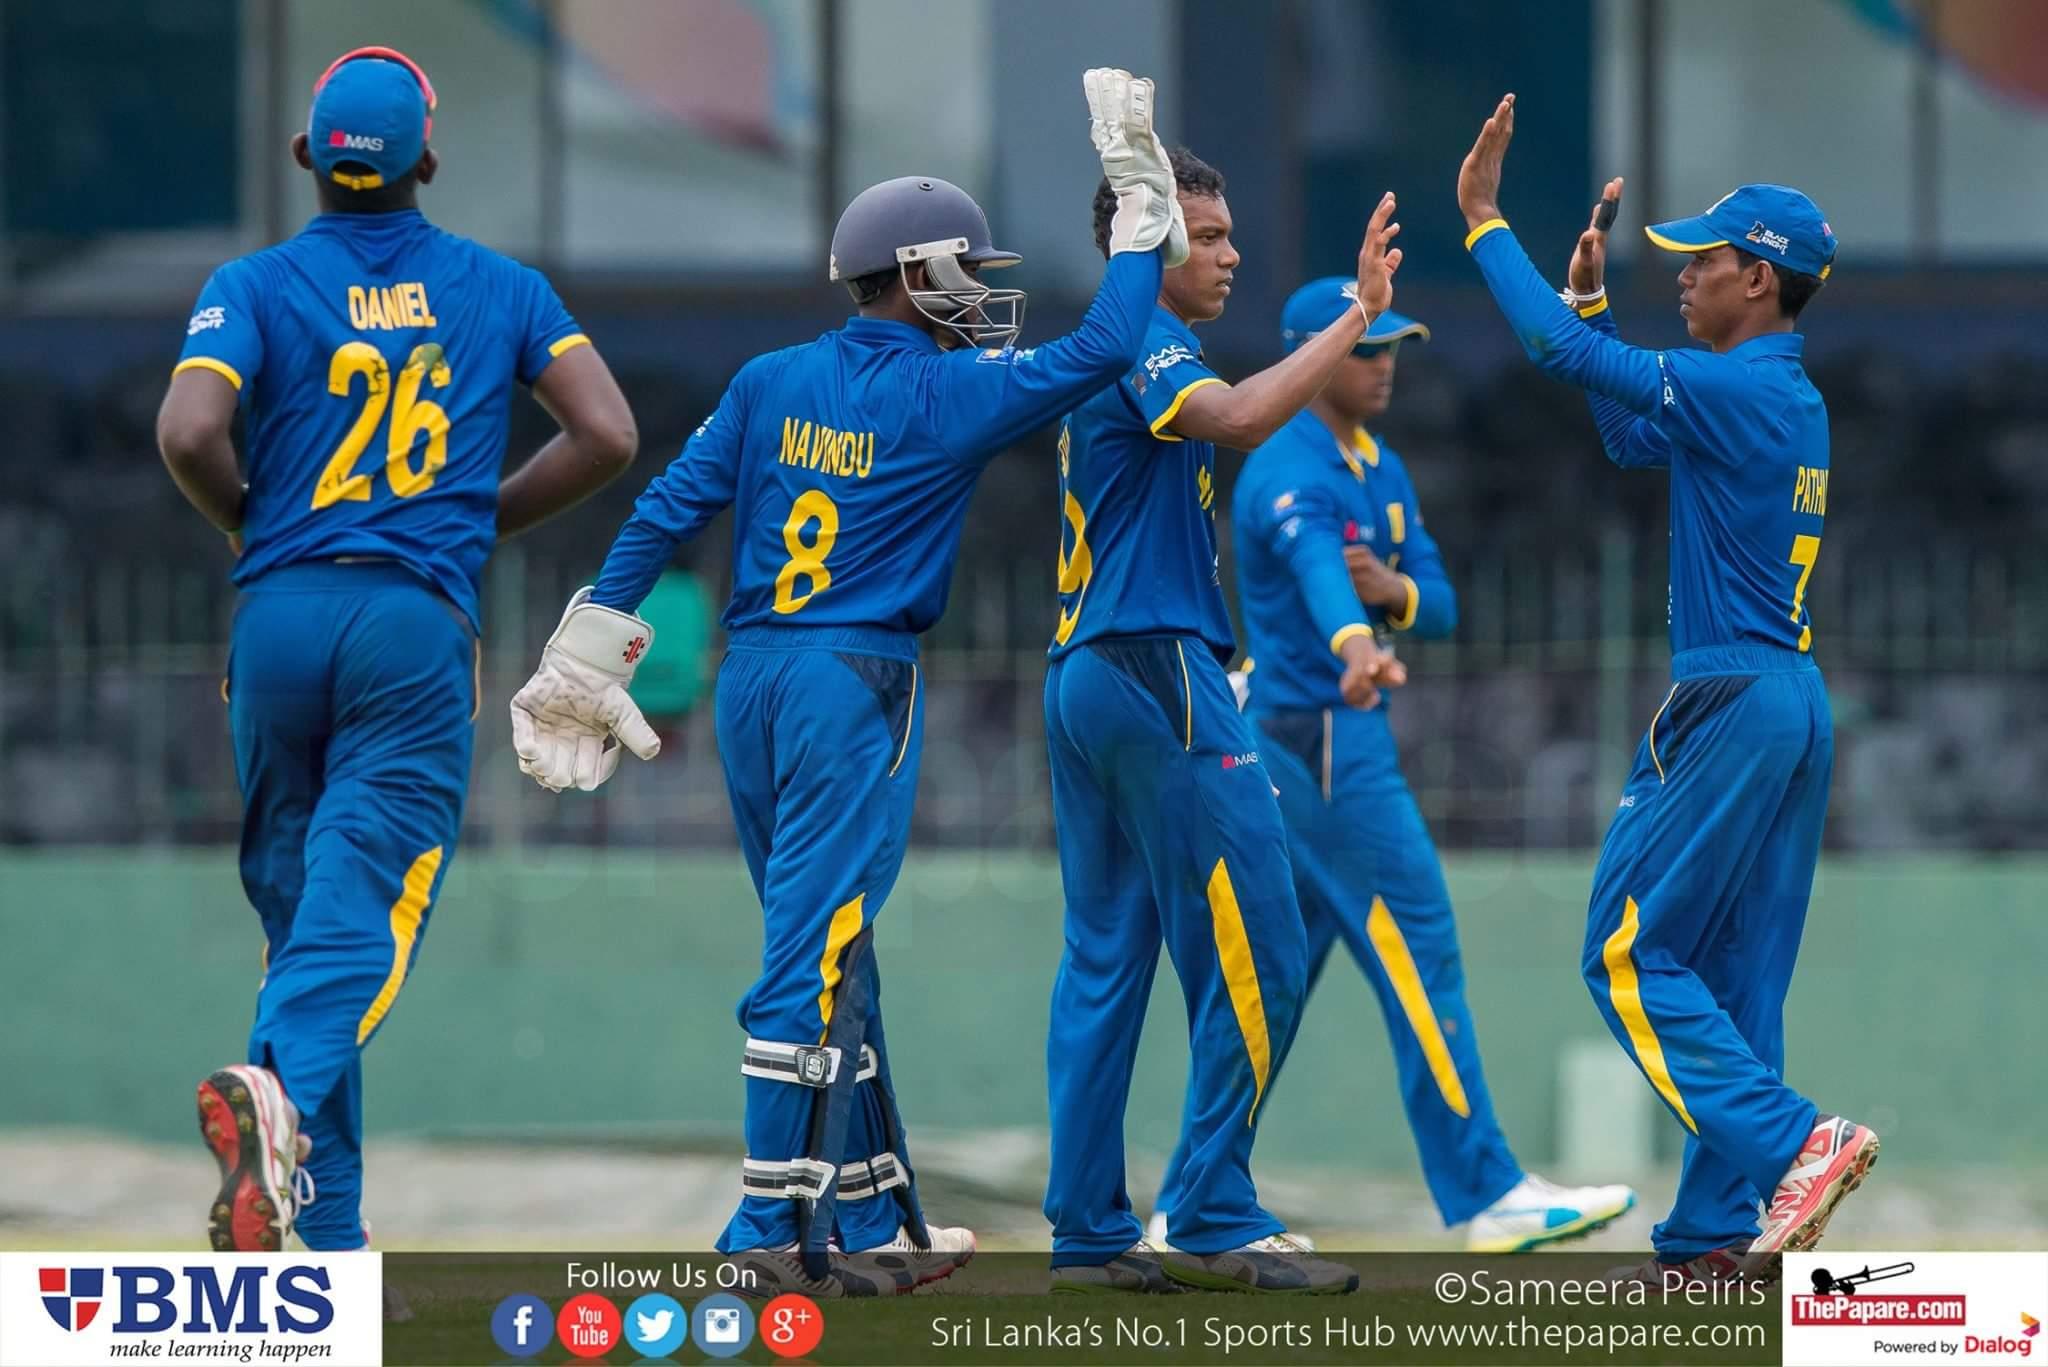 Sri Lanka U19 v South Africa U19 2nd ODI report